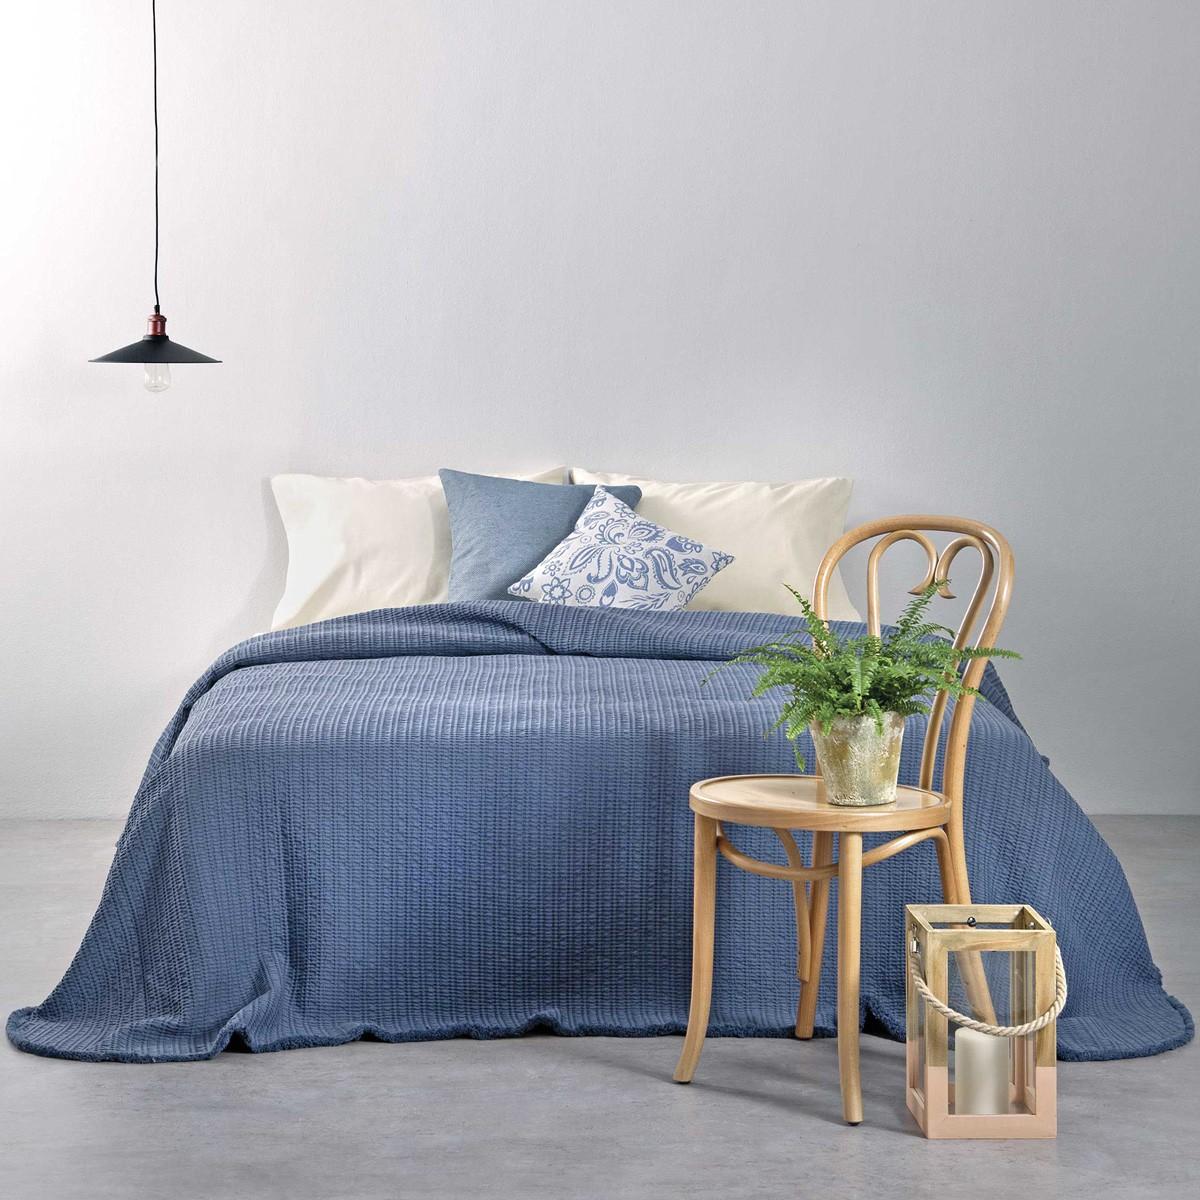 Κουβερτόριο Υπέρδιπλο Nima Layers Pitigliano Blue home   κρεβατοκάμαρα   κουβέρτες   κουβέρτες καλοκαιρινές υπέρδιπλες